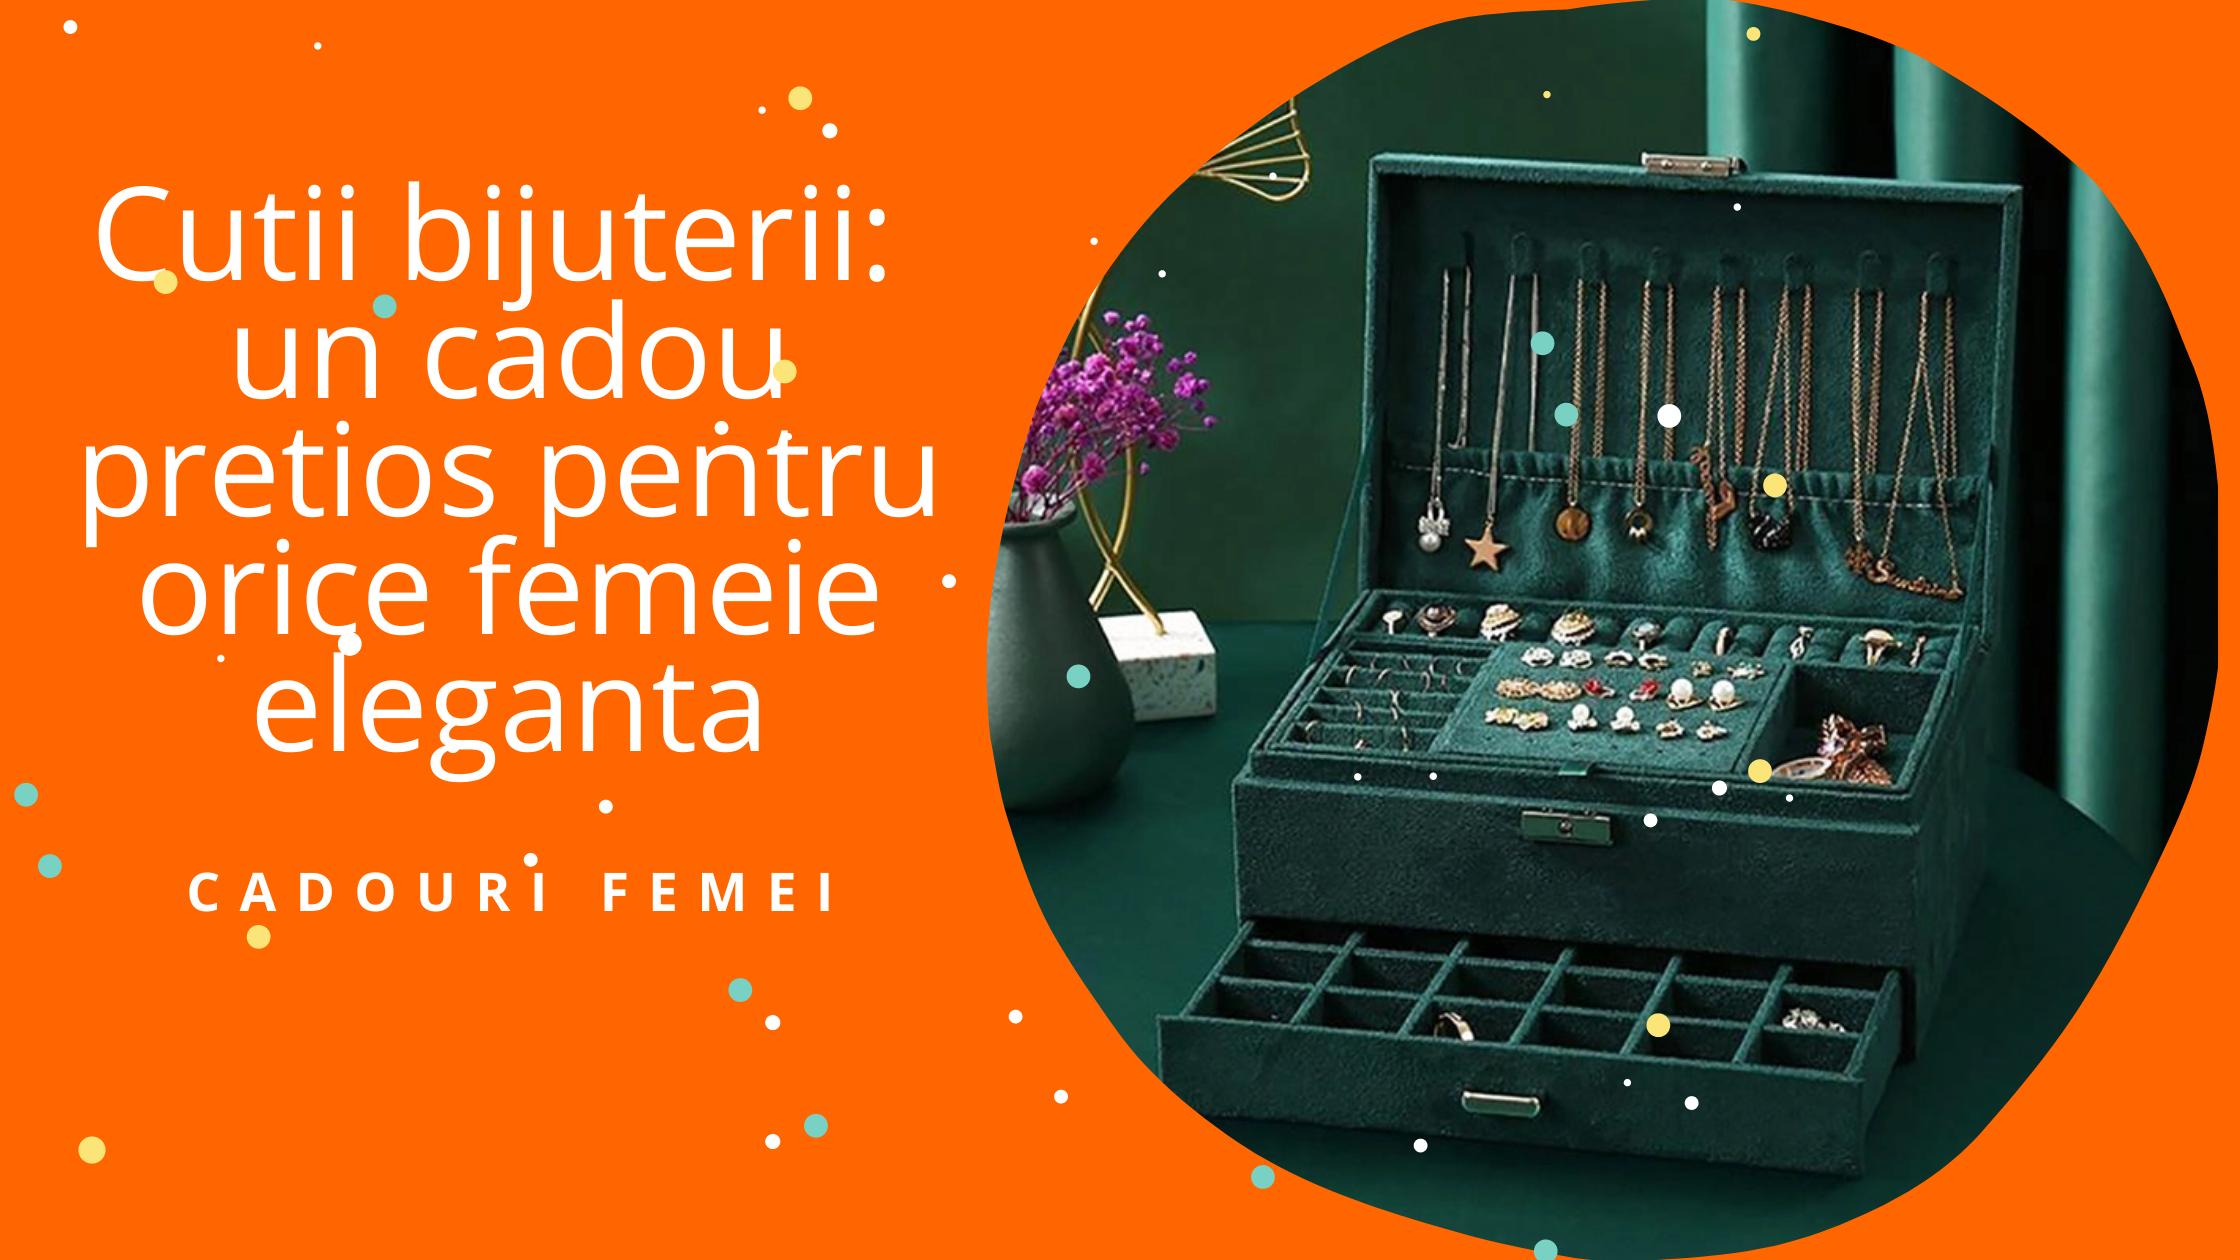 Cutii bijuterii: un cadou pretios pentru orice femeie eleganta